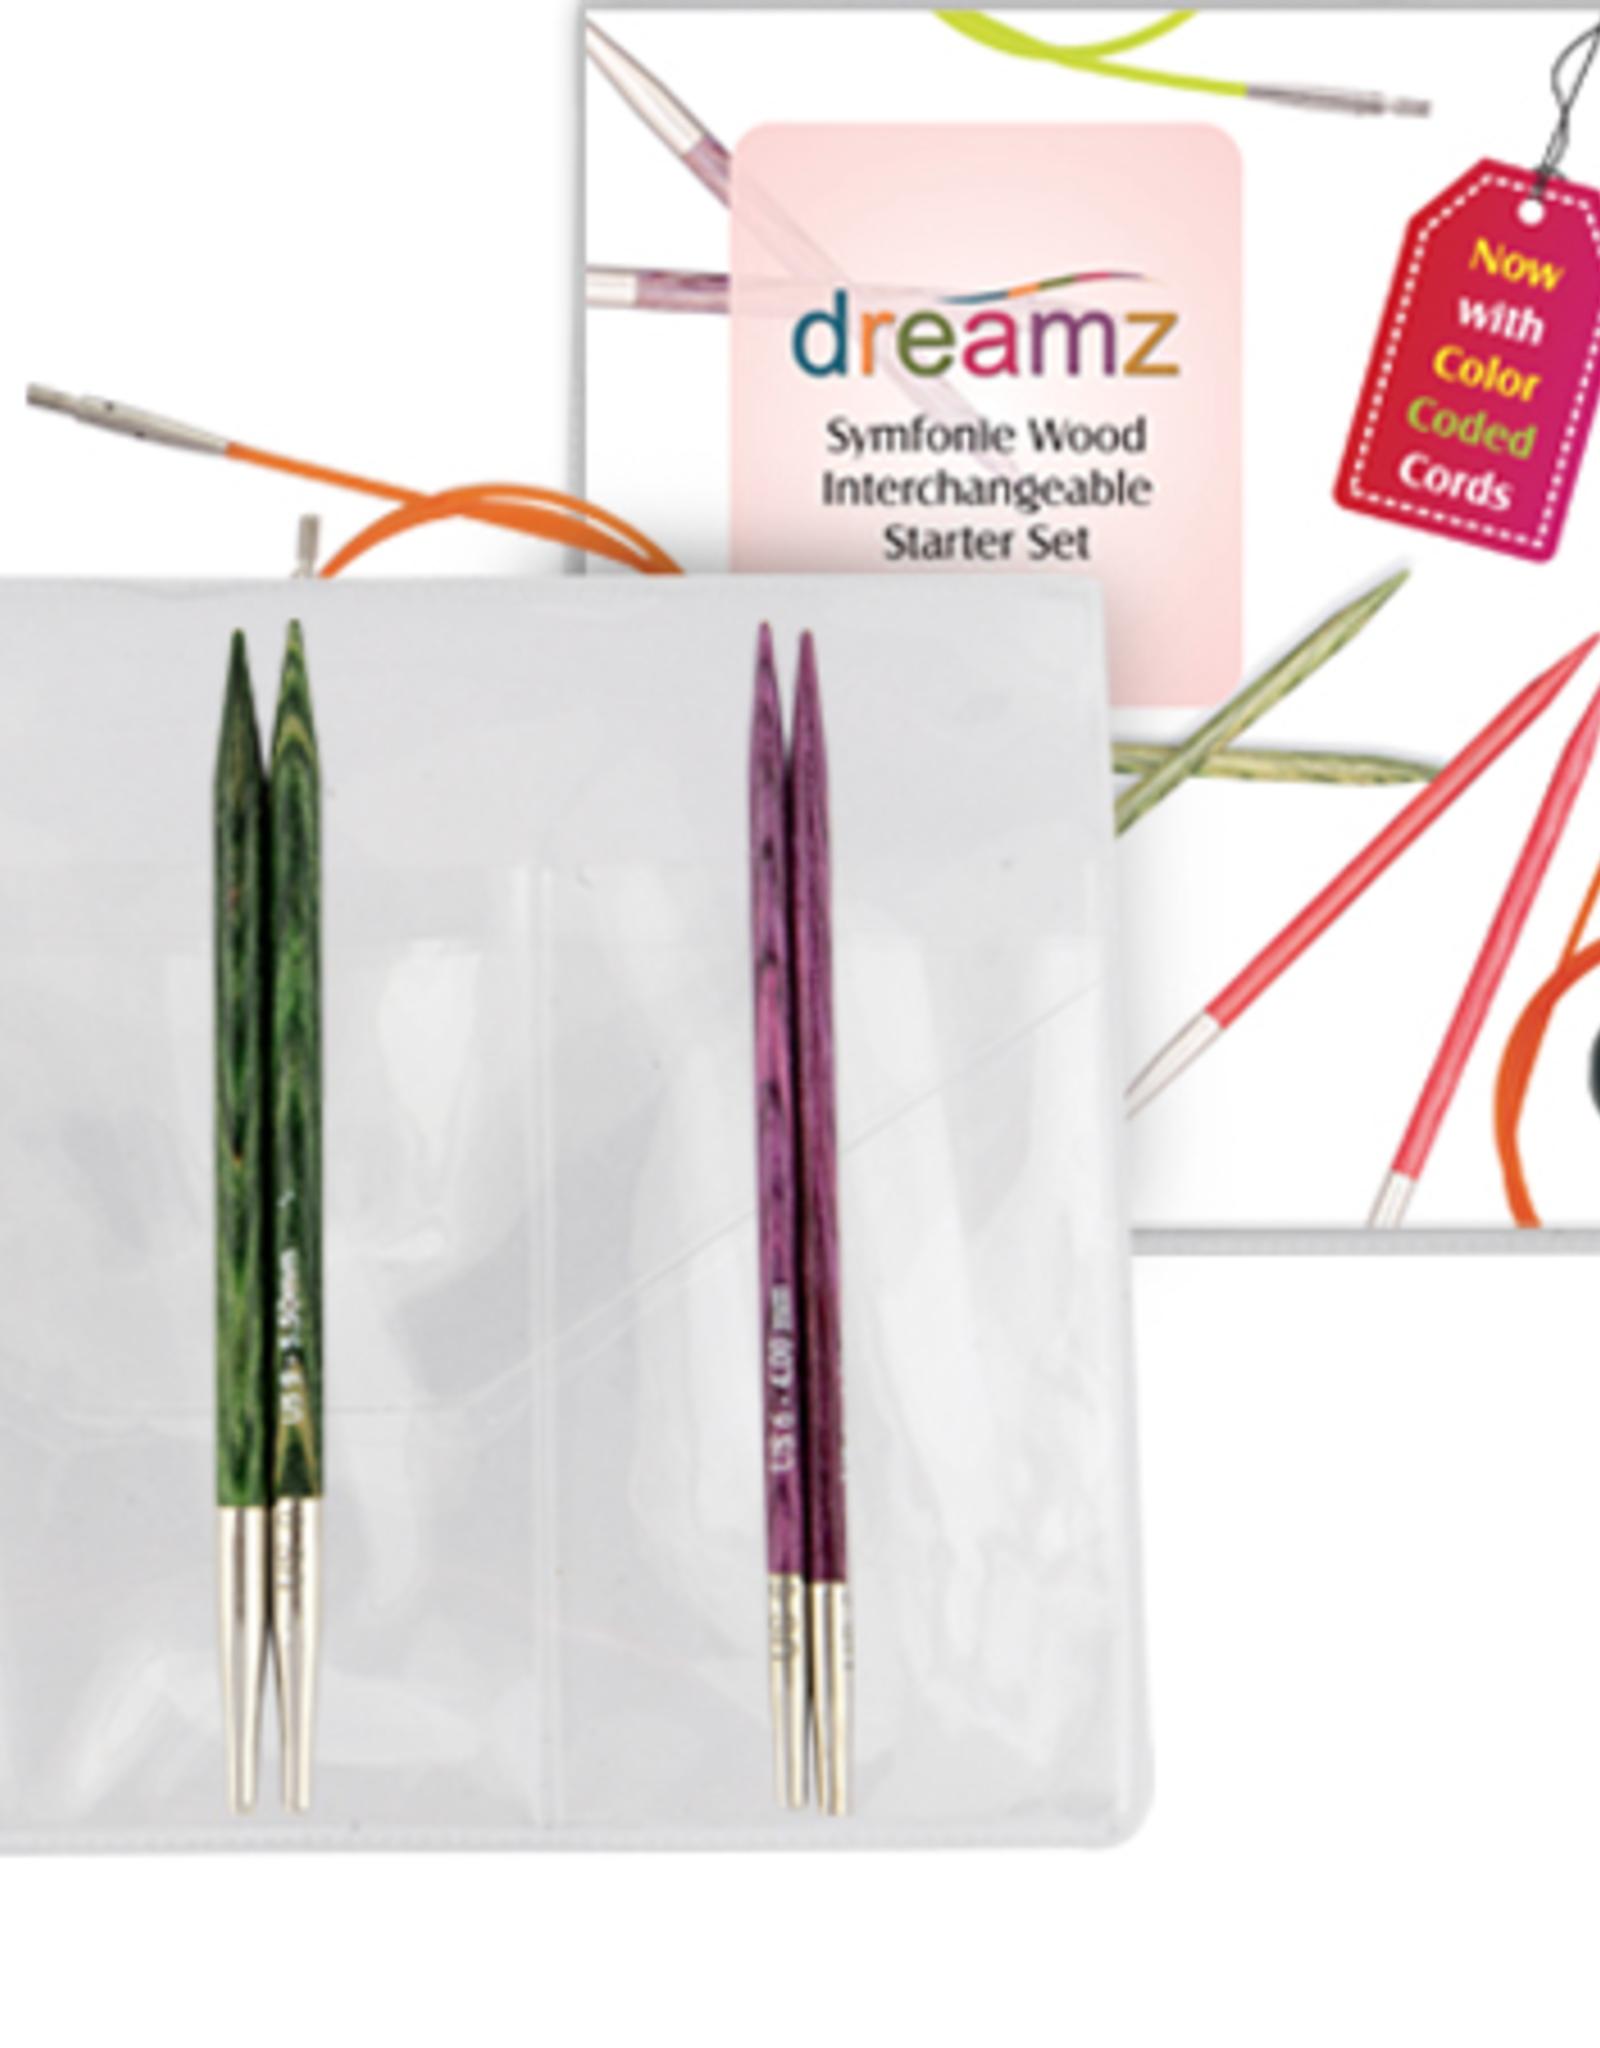 Knitter's Pride Dreamz Starter IC Set